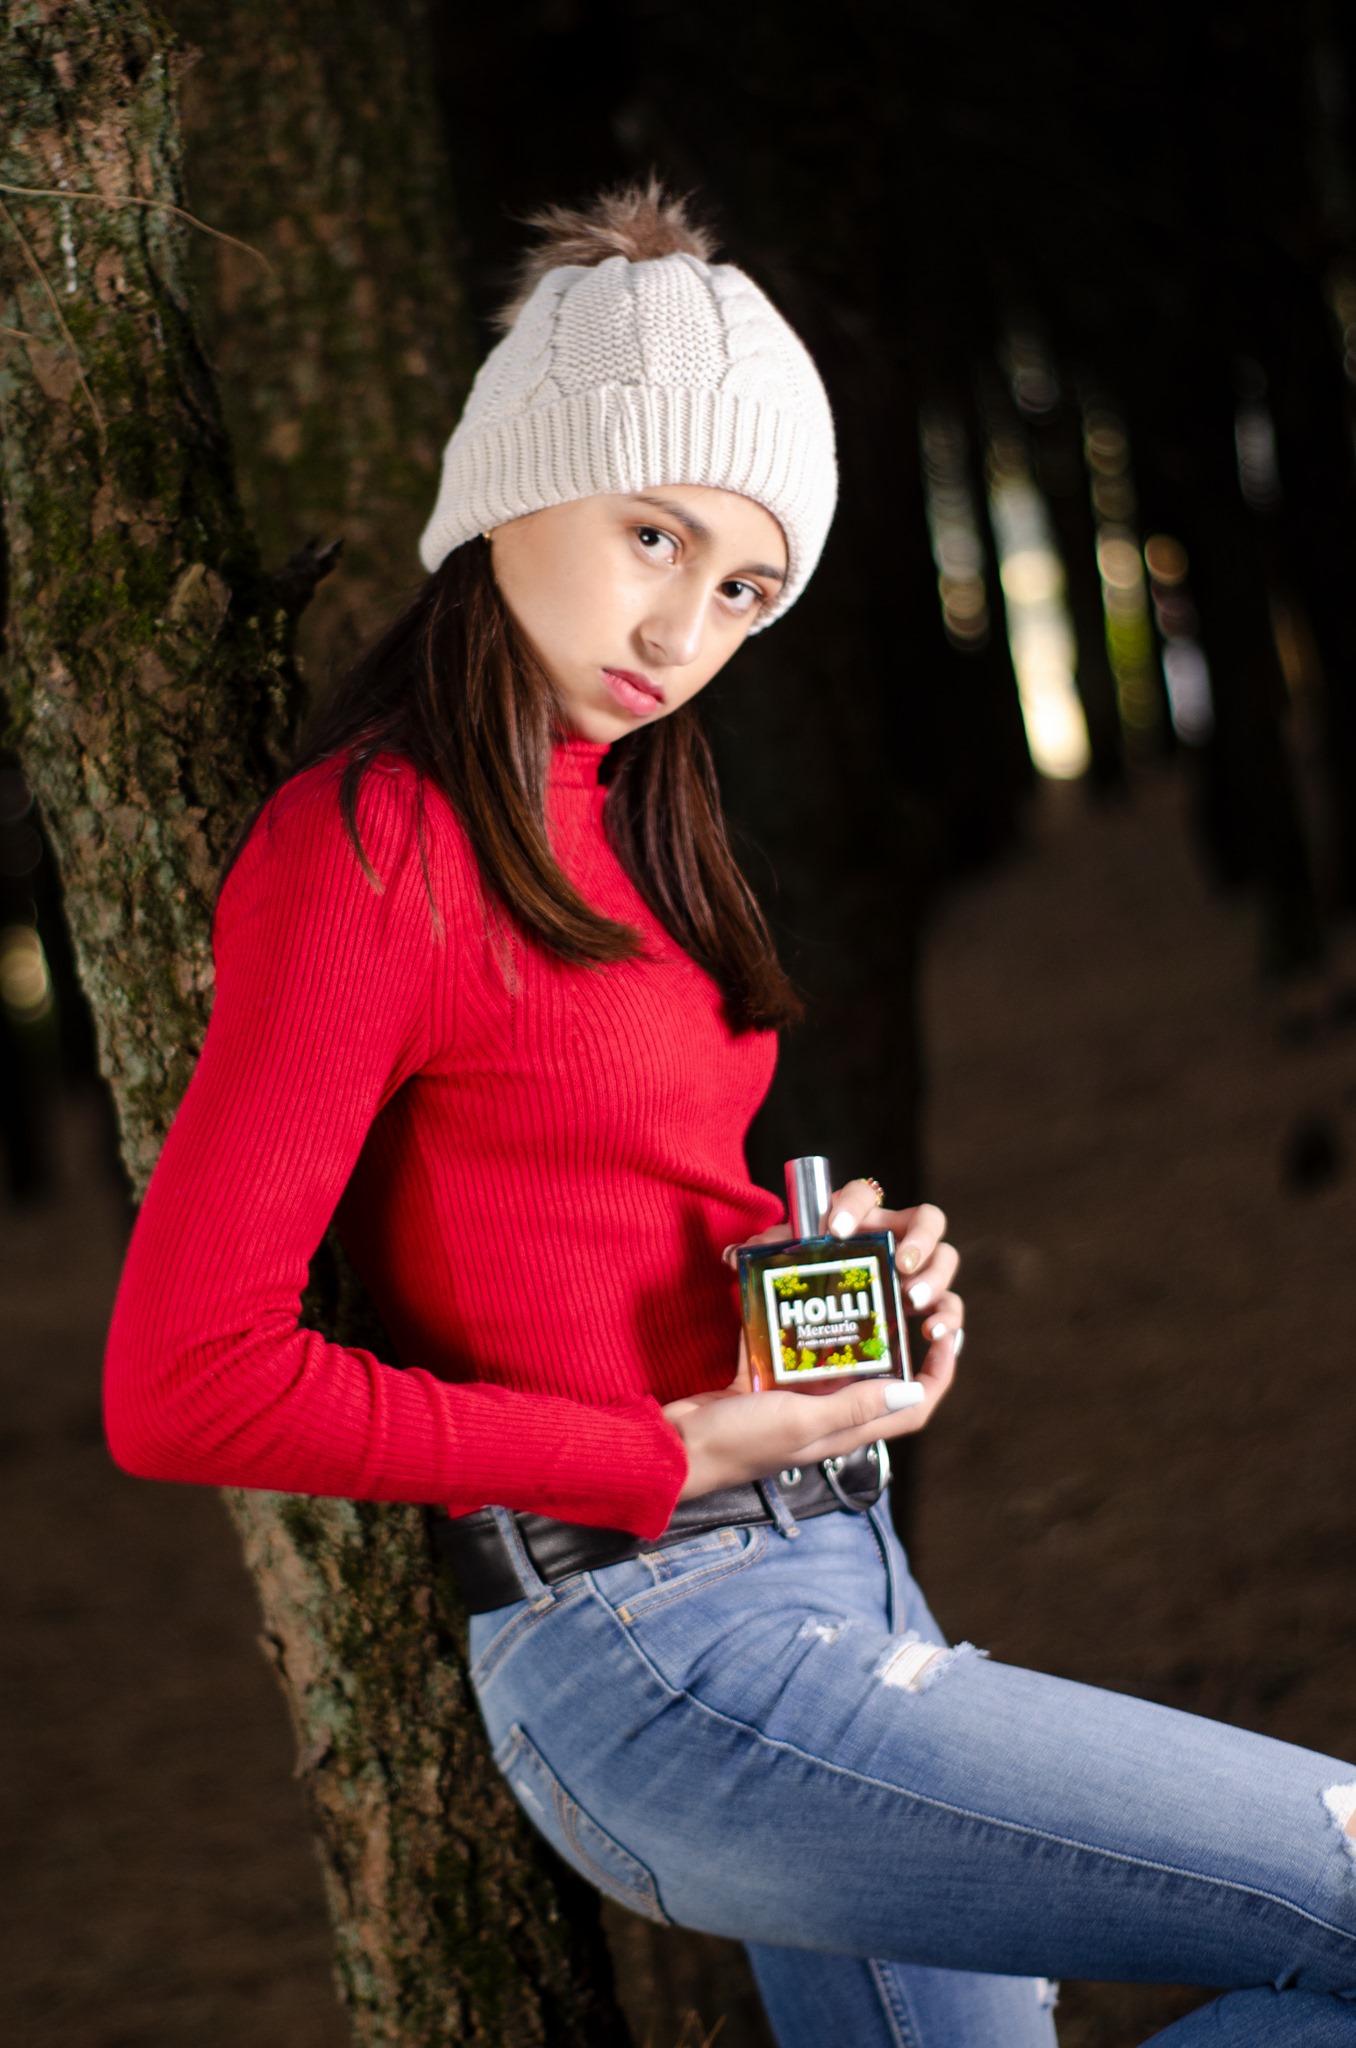 Campaña Perfume Holli Diciembre 2020